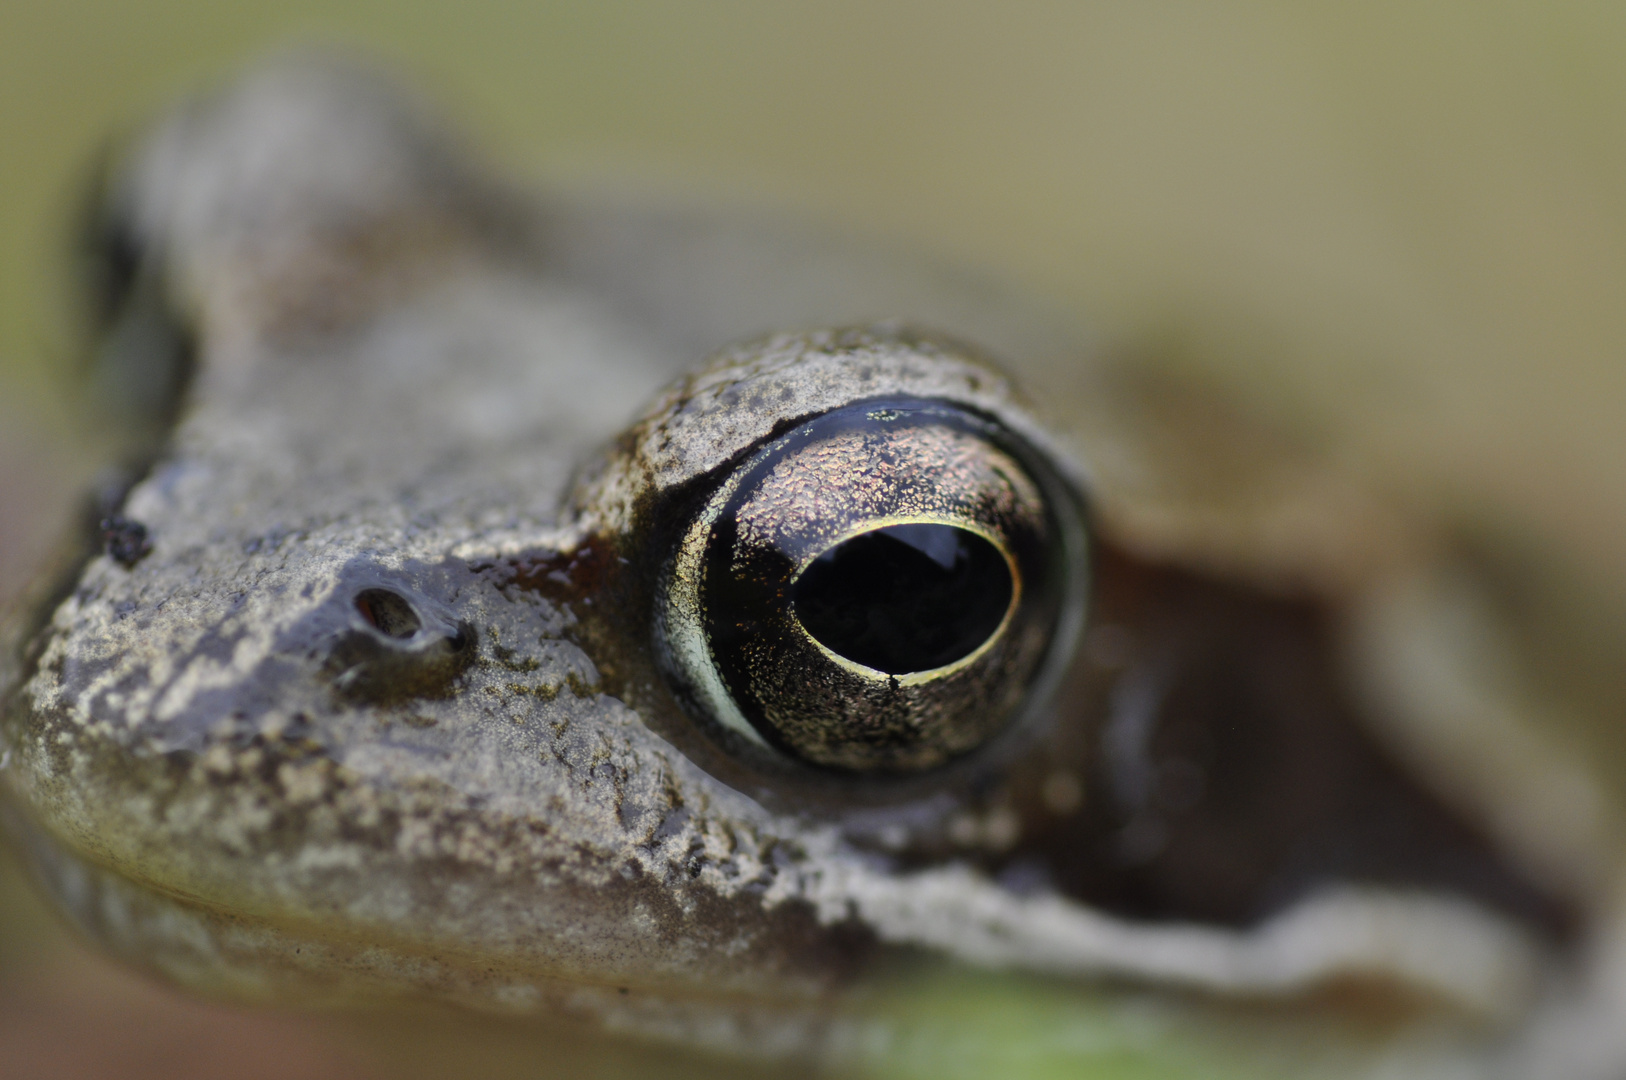 Eye of the frog